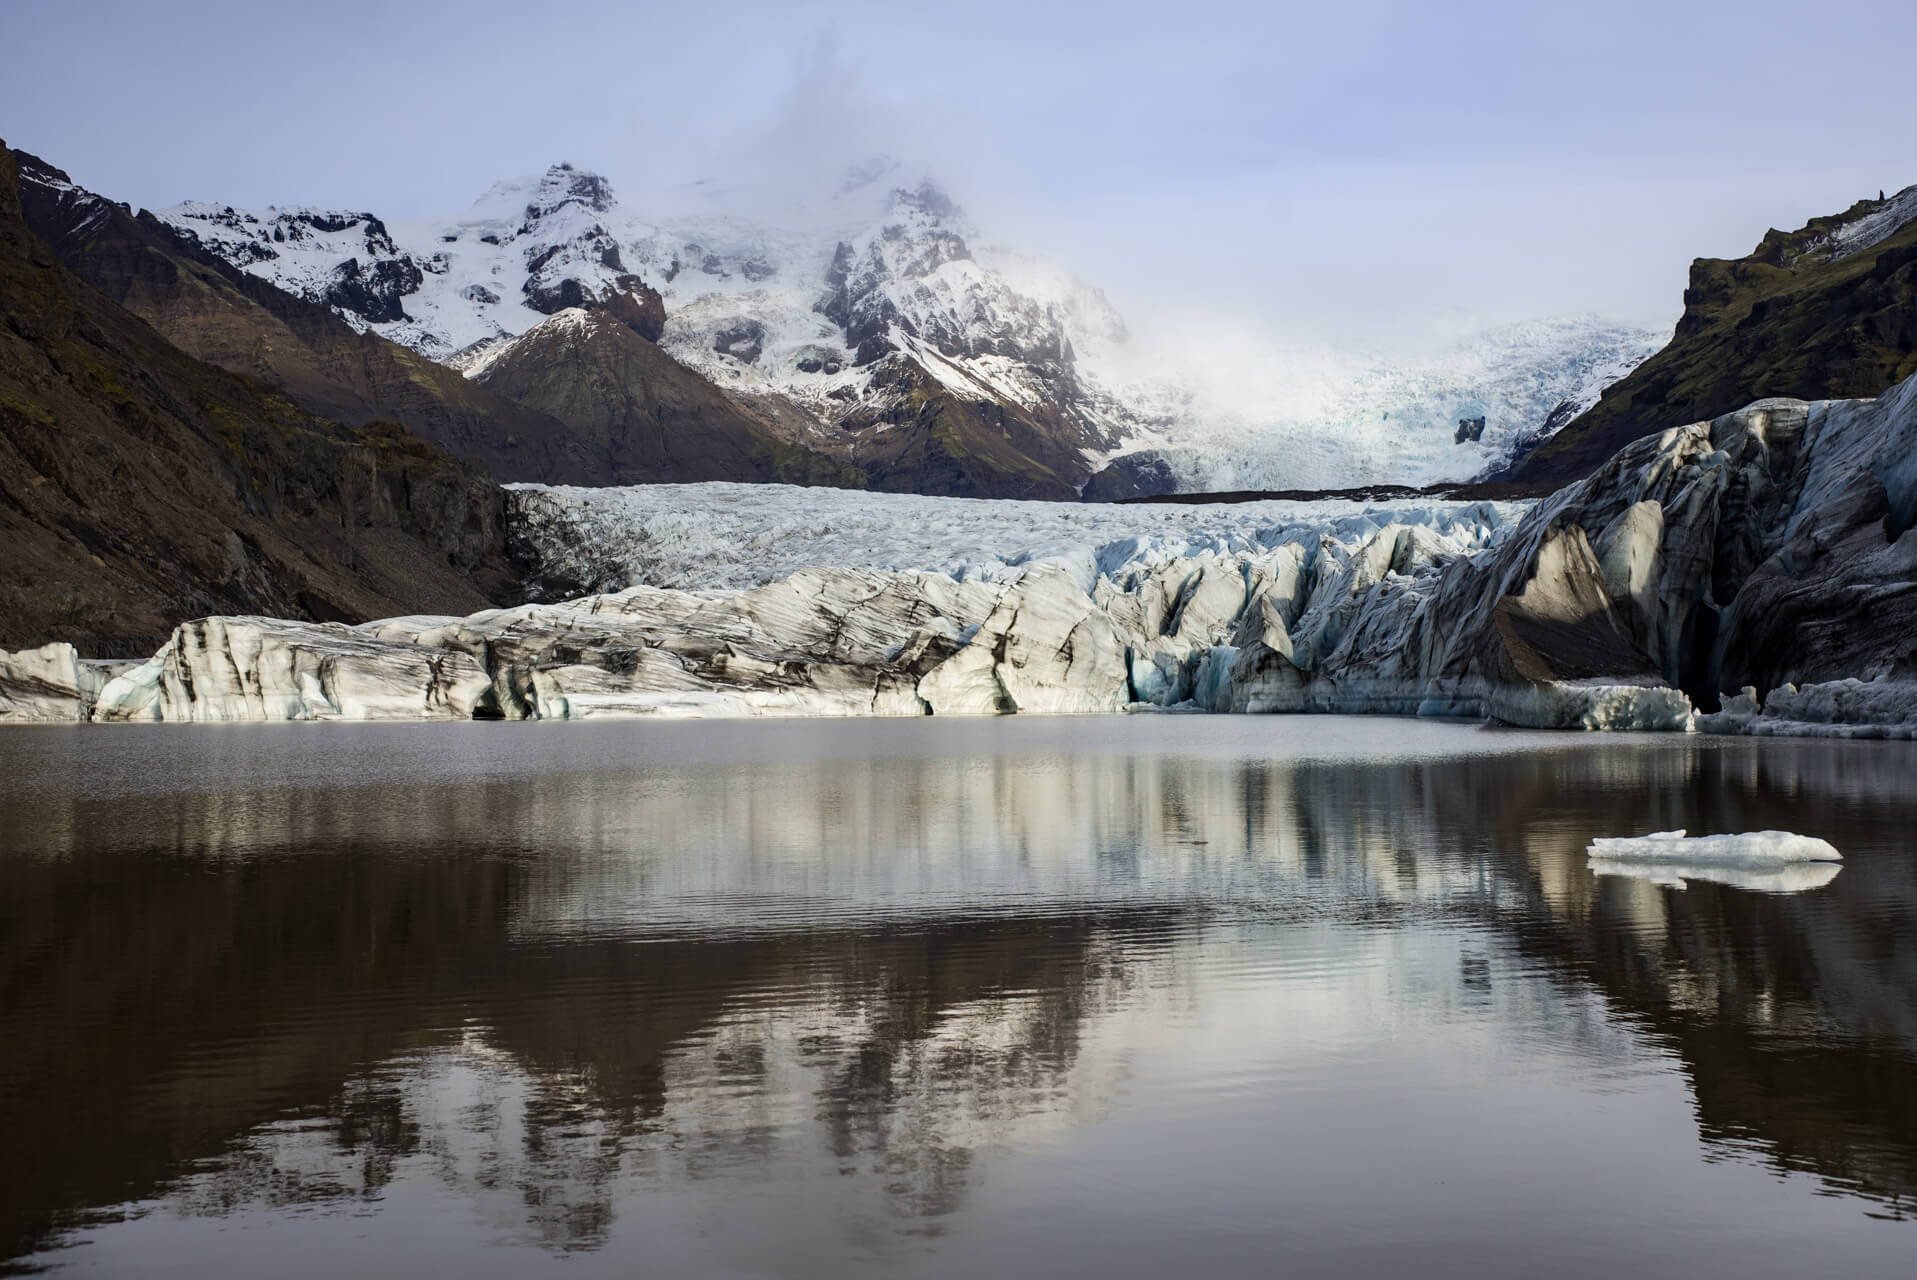 Island, Svínafellsjökull; Fotograf Steffen Lohse